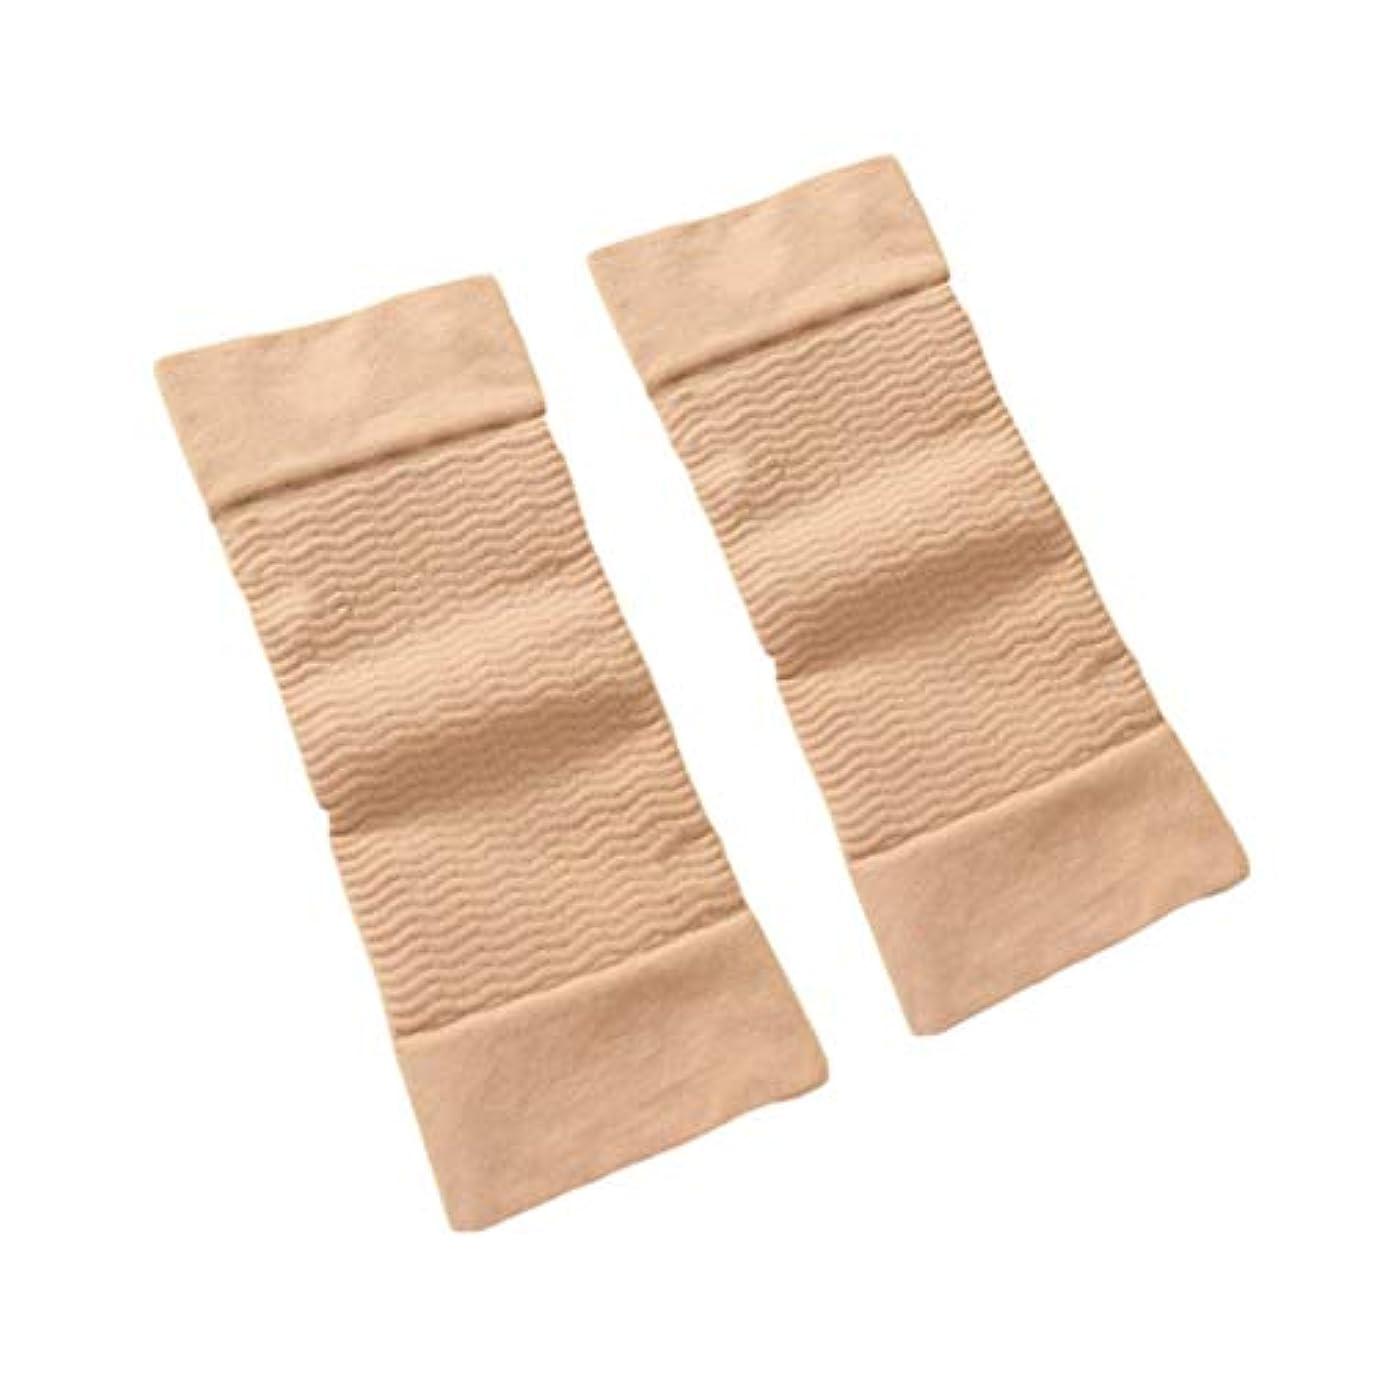 耕す不忠熟読1ペア420 D圧縮痩身アームスリーブワークアウトトーニングバーンセルライトシェイパー脂肪燃焼袖用女性 - 肌色